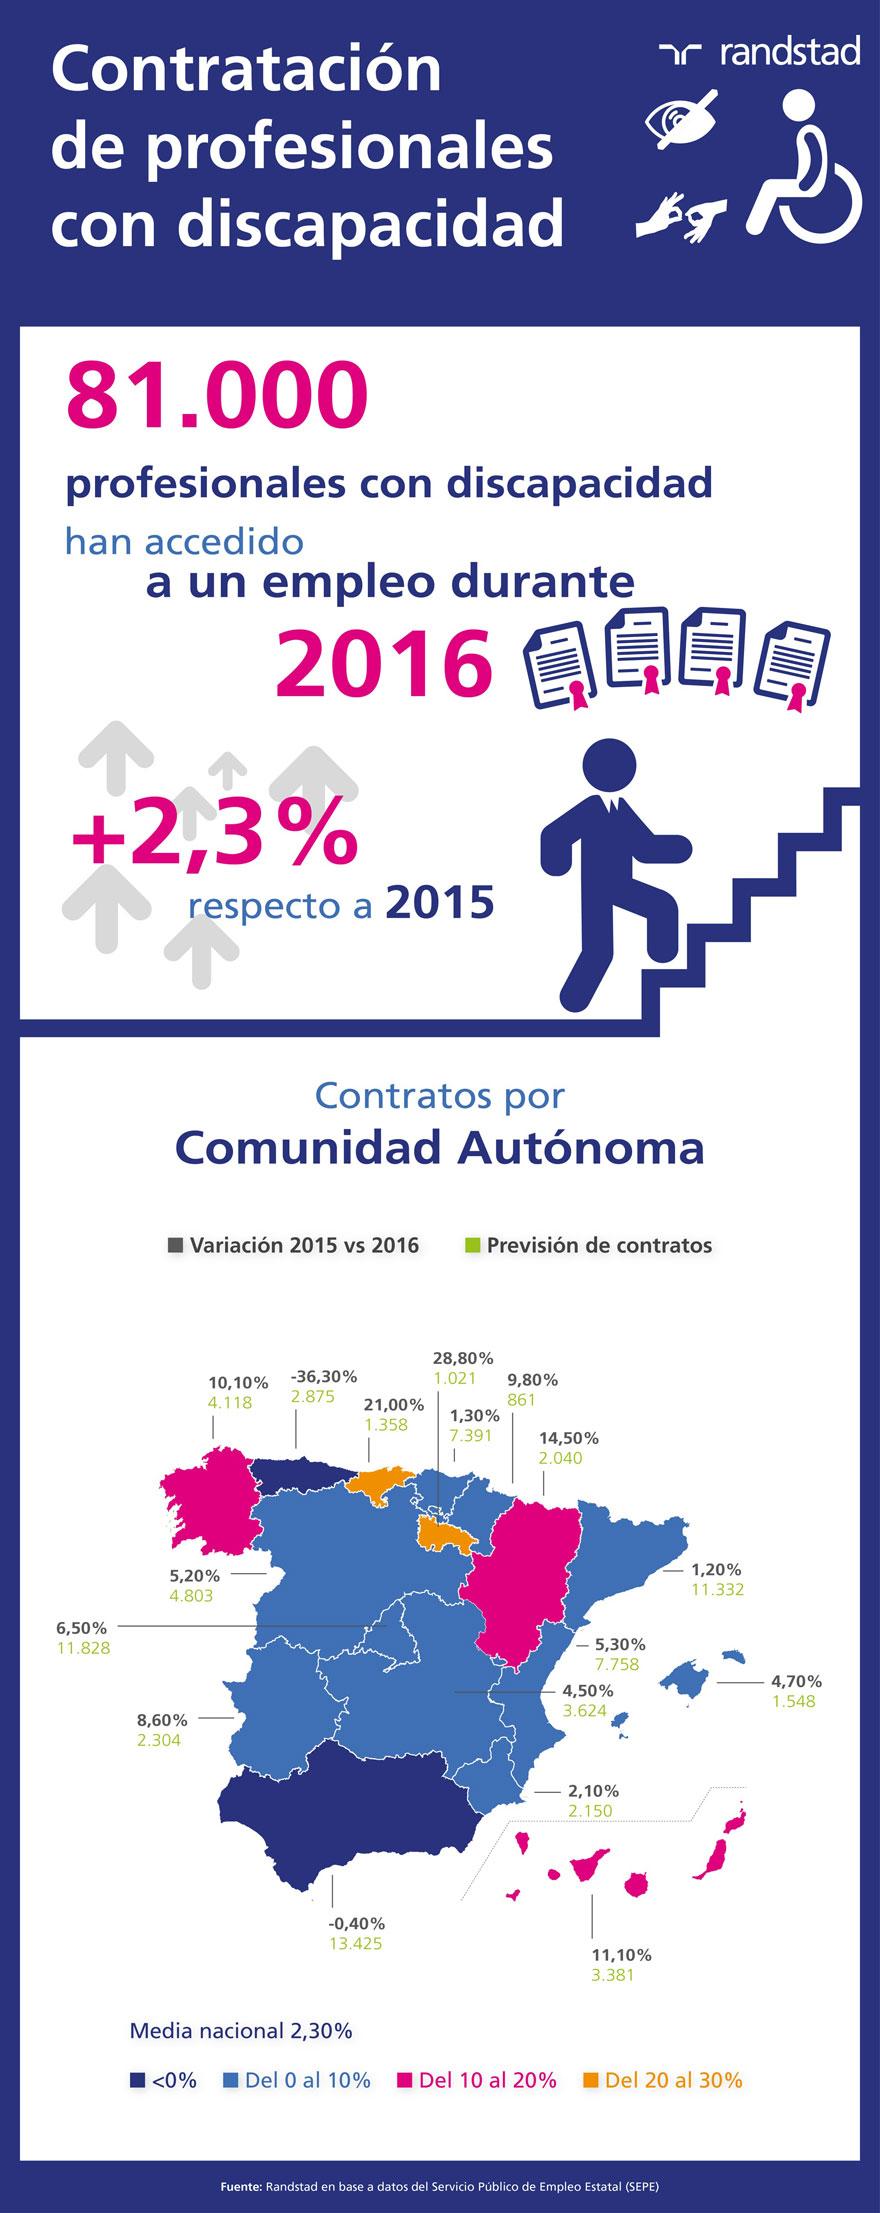 infografía Contratación Discapacidad 2016 | Fundación Randstad